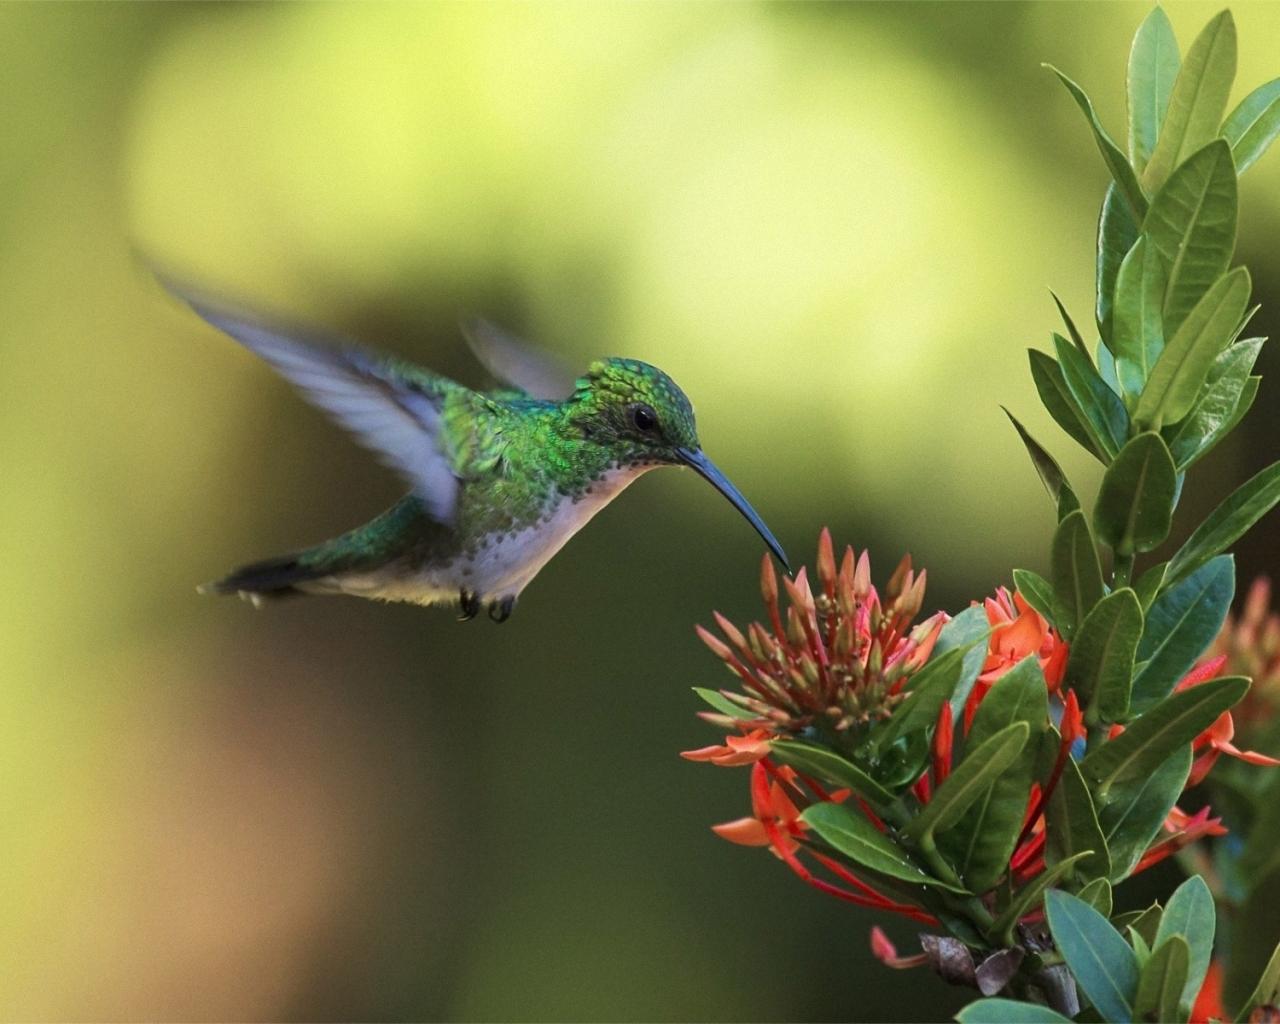 Un colibrí en una flor - 1280x1024